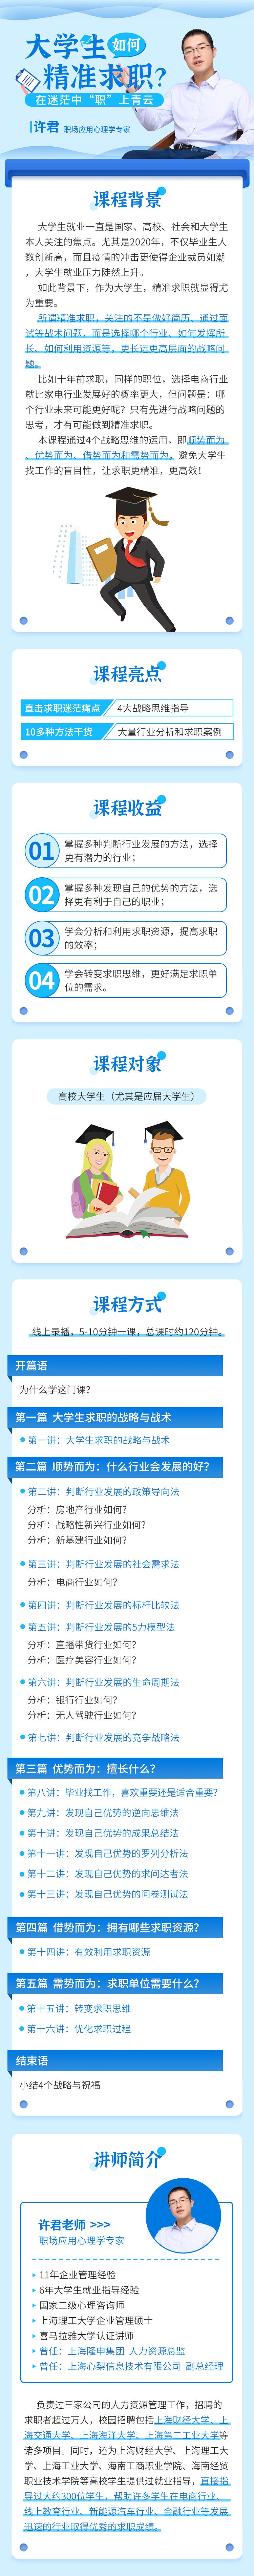 """957d692e4d48e64ead56087ec4f6db5f - 在迷茫中""""职""""上青云——大学生如何精准求职?"""